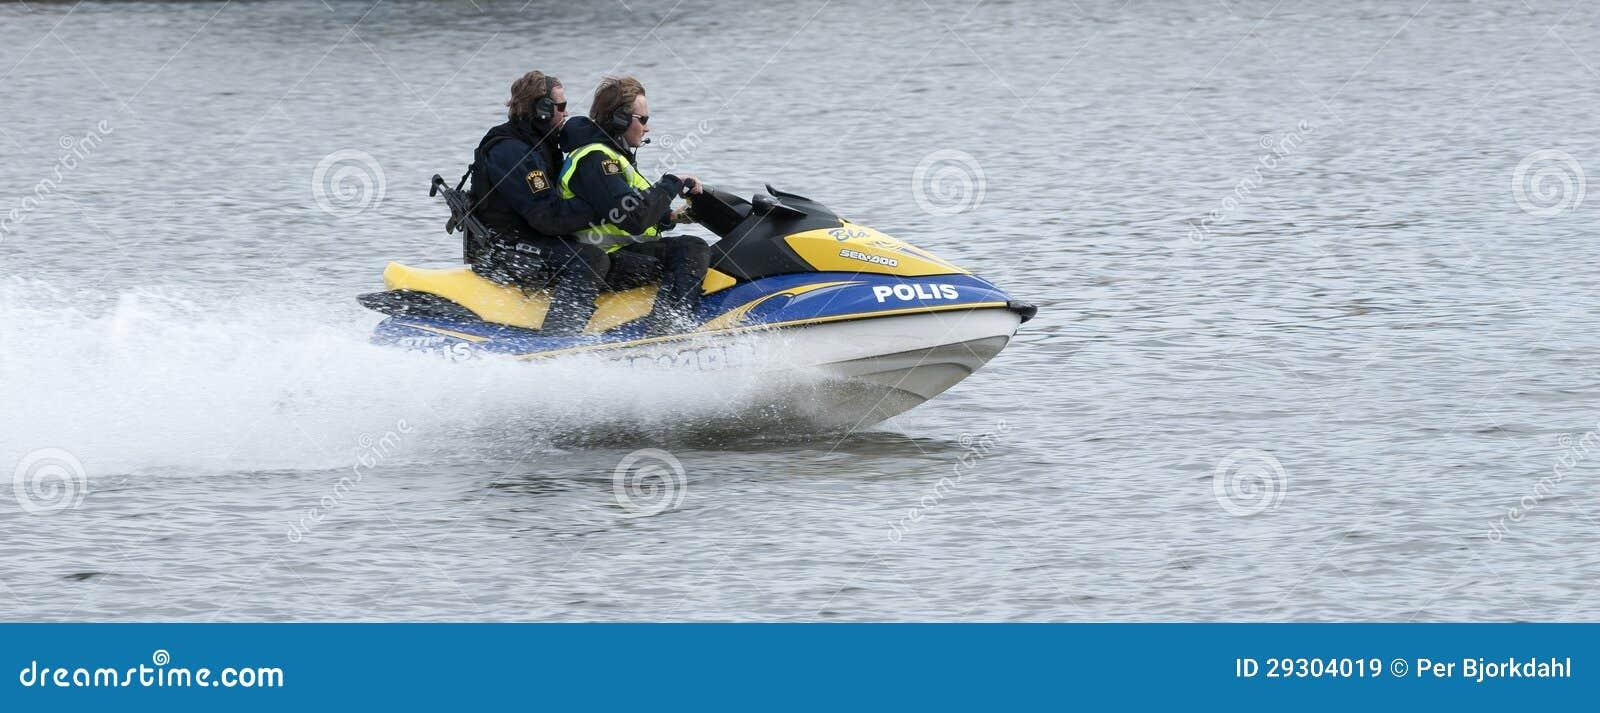 Szwedzi Utrzymują porządek watercraft przy wysoką prędkością